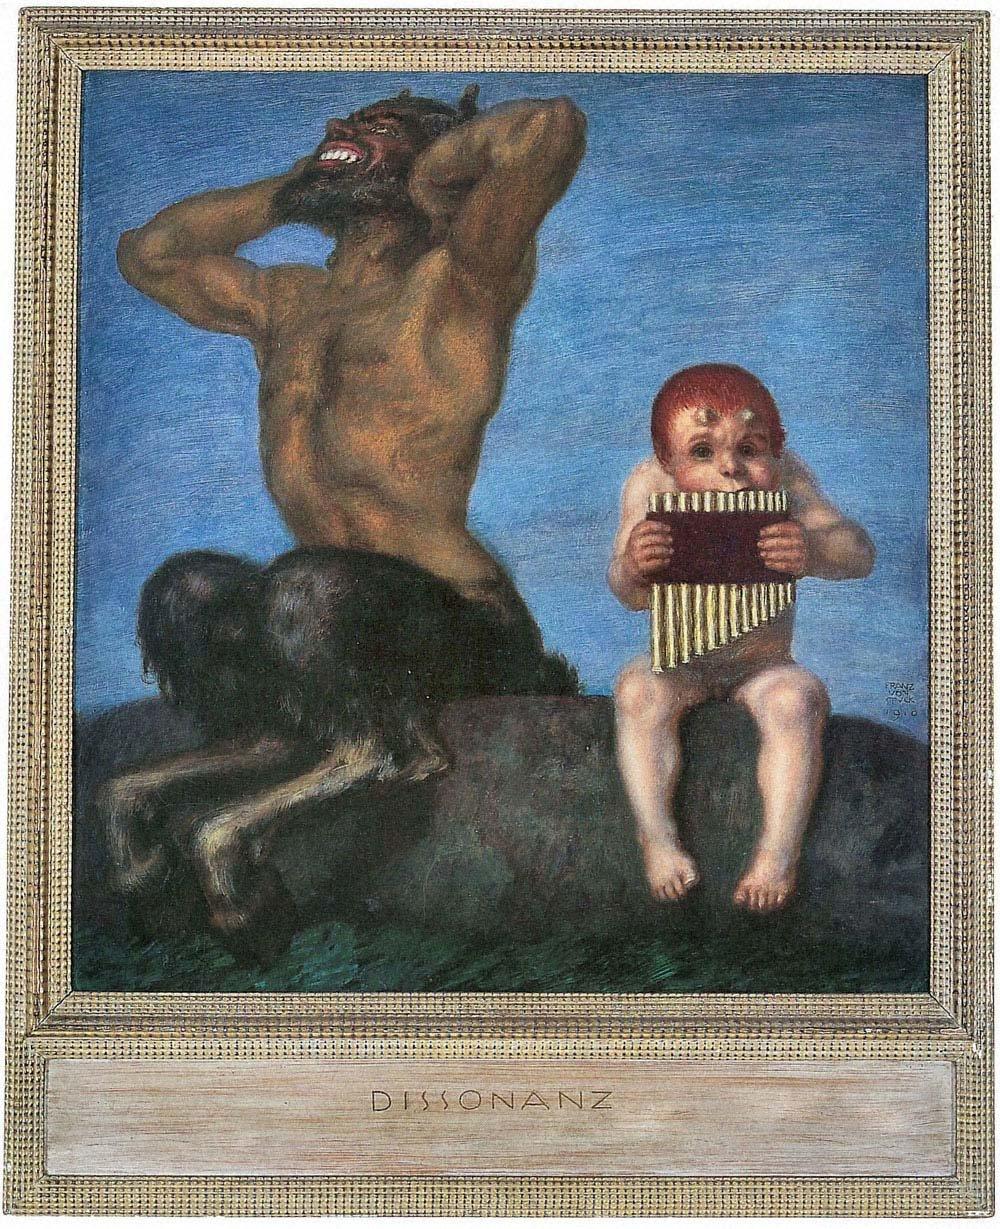 /dissonanz di Franz Von Stuck/ /A3/Poster Il Museo outlet/